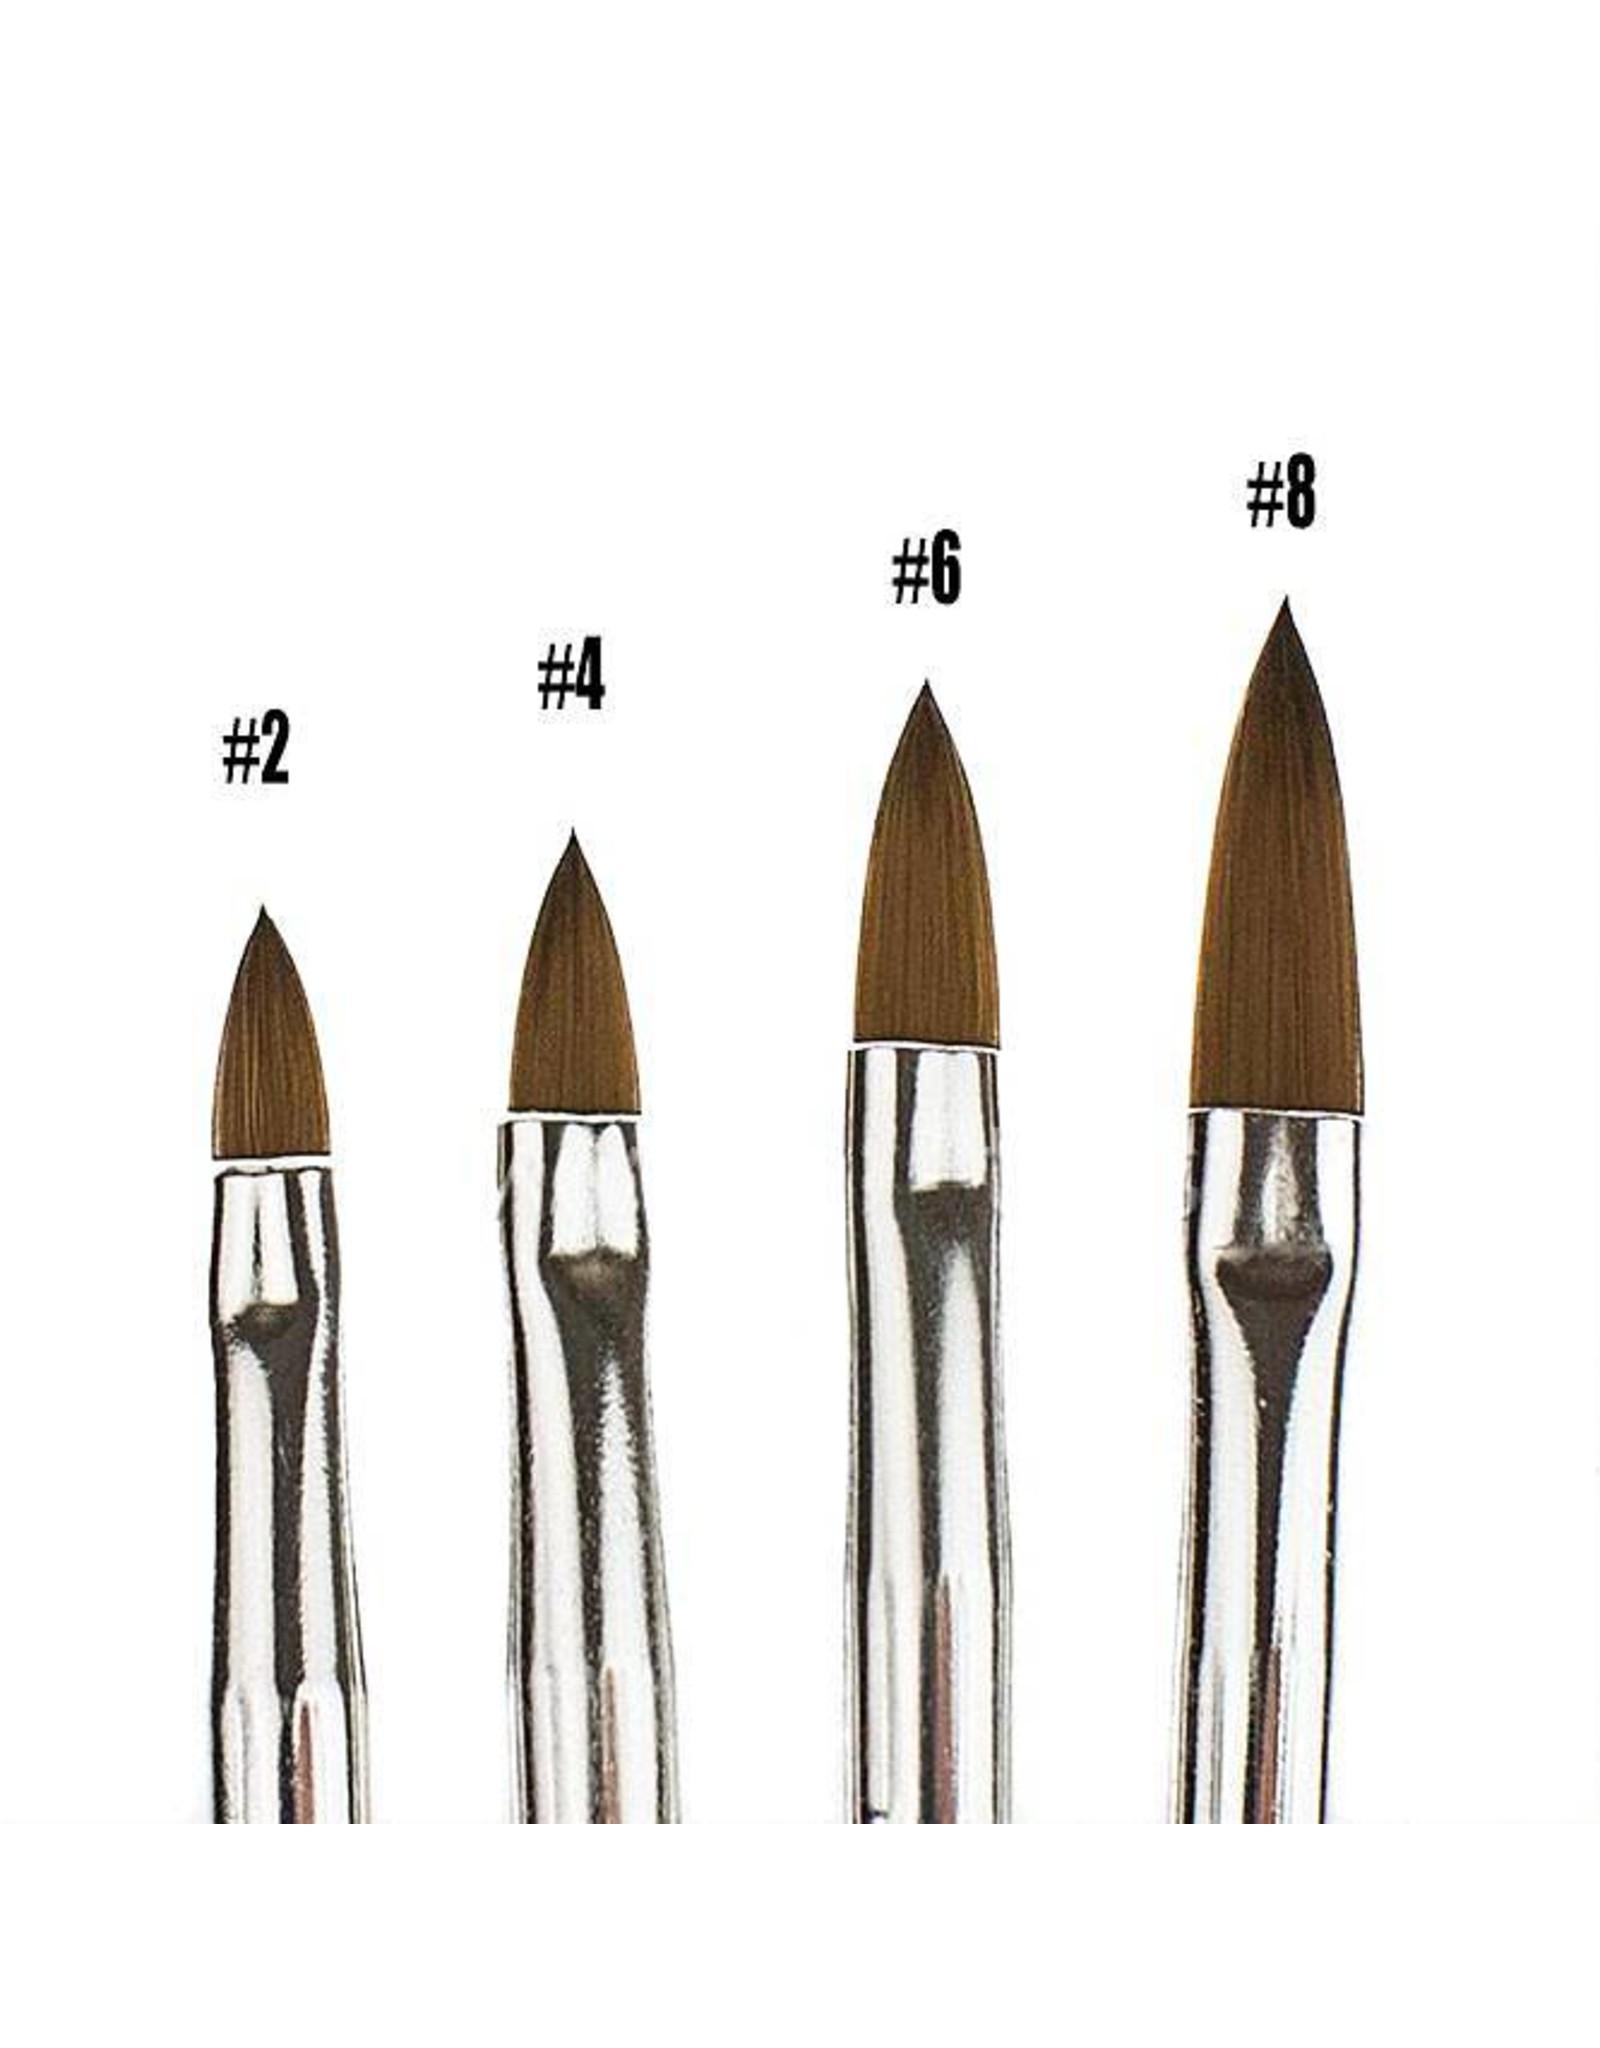 Merkloos Acryl penseel  Zwart nr. 4